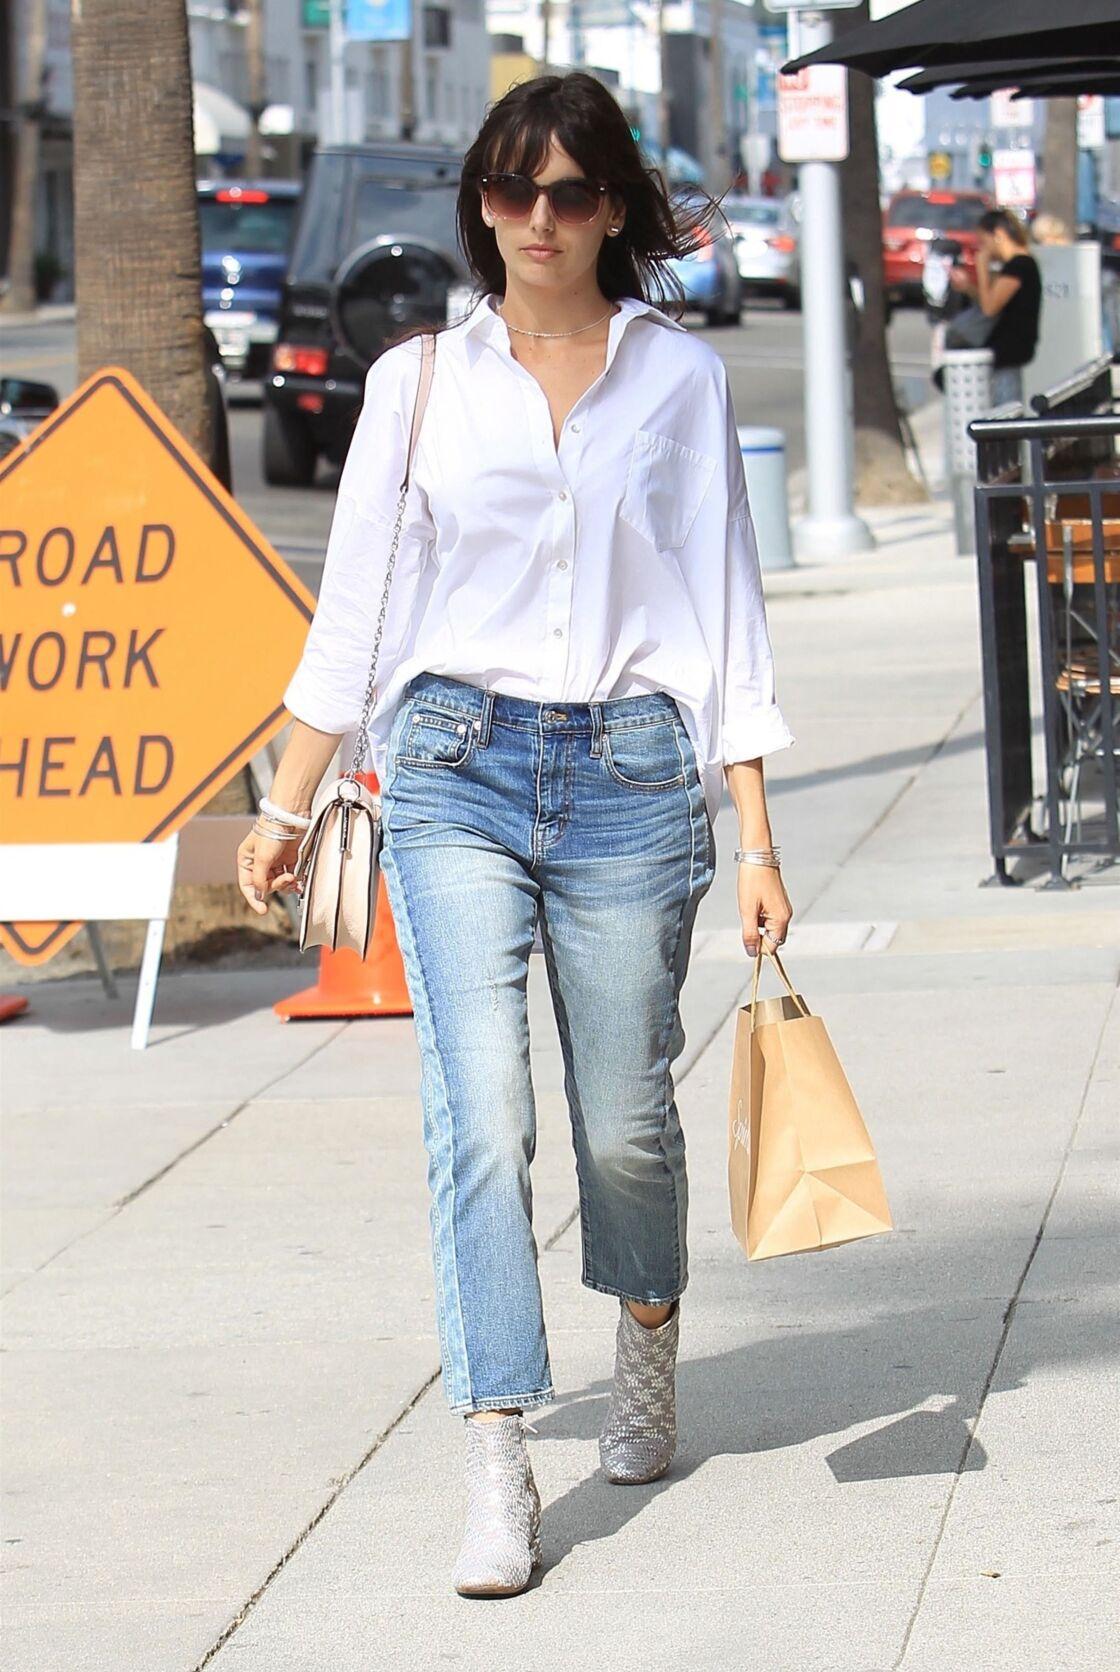 Camilla Belle porte à merveille le look casual en chemise blanche avec un jean bleu délavé bootcut et une paire de bottines argentées